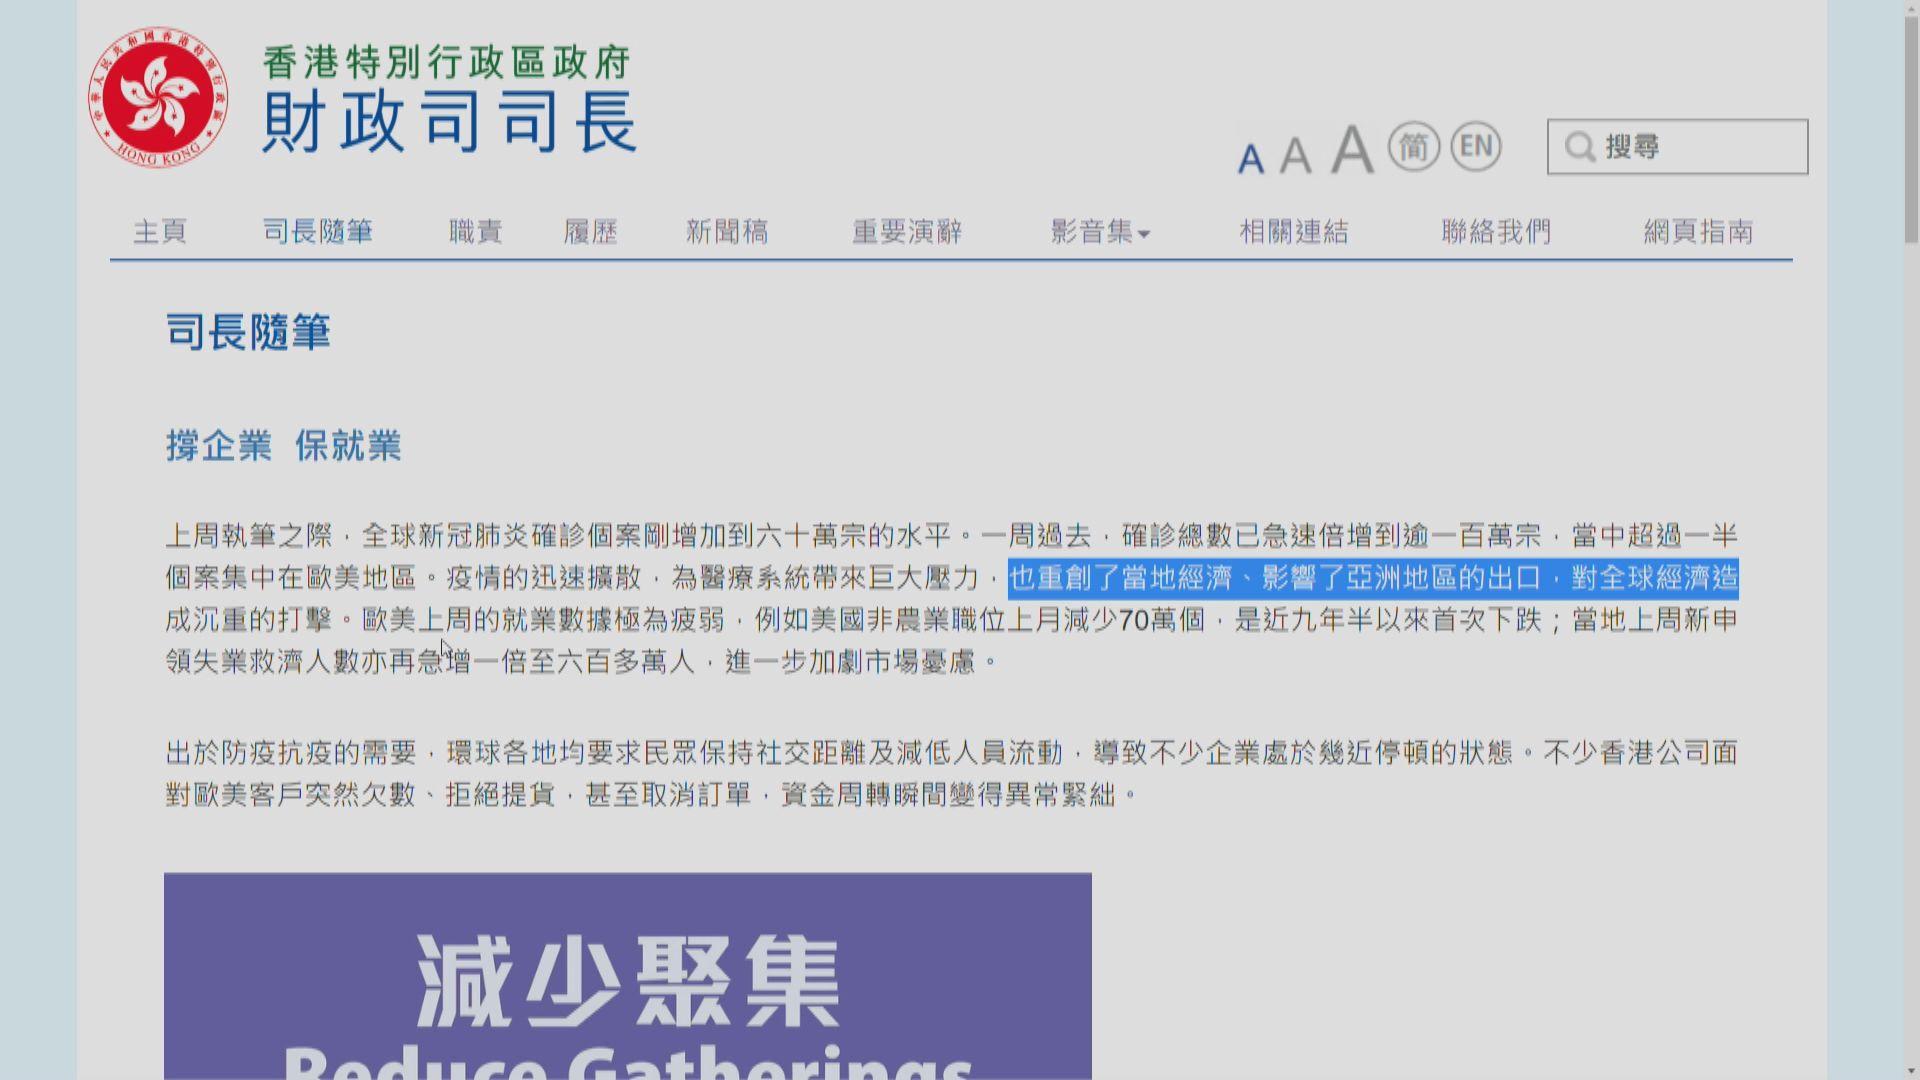 陳茂波:疫情打擊幾近所有行業 正擬更全面支援措施